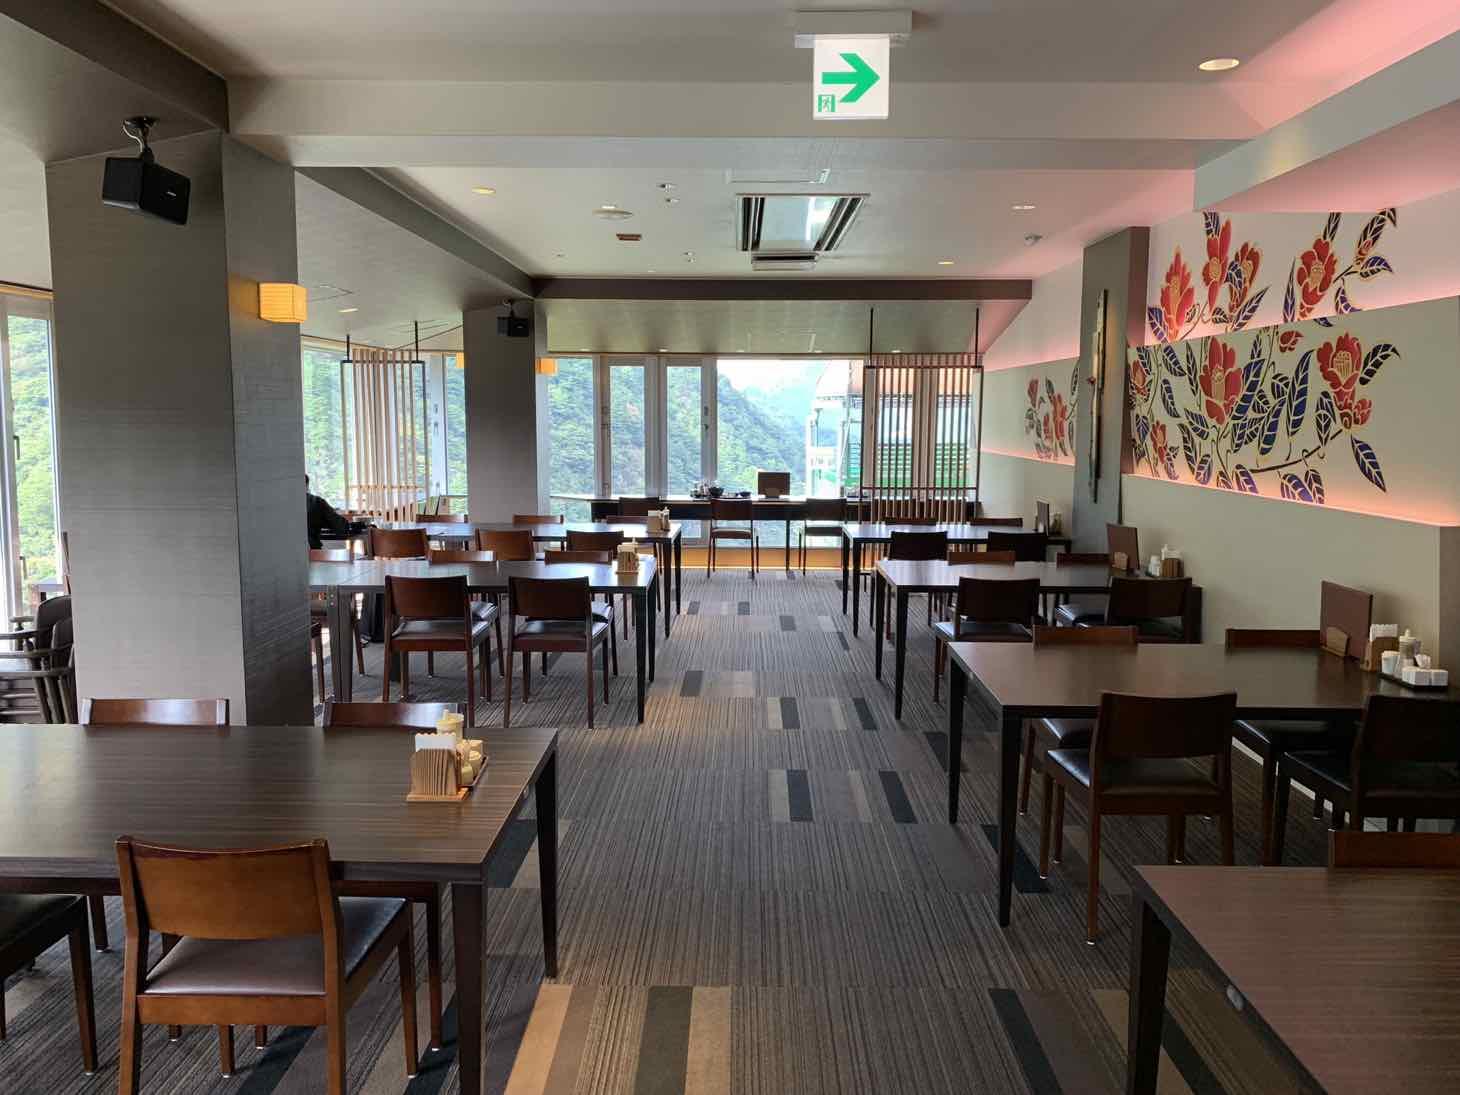 ホテル祖谷温泉 レストラン